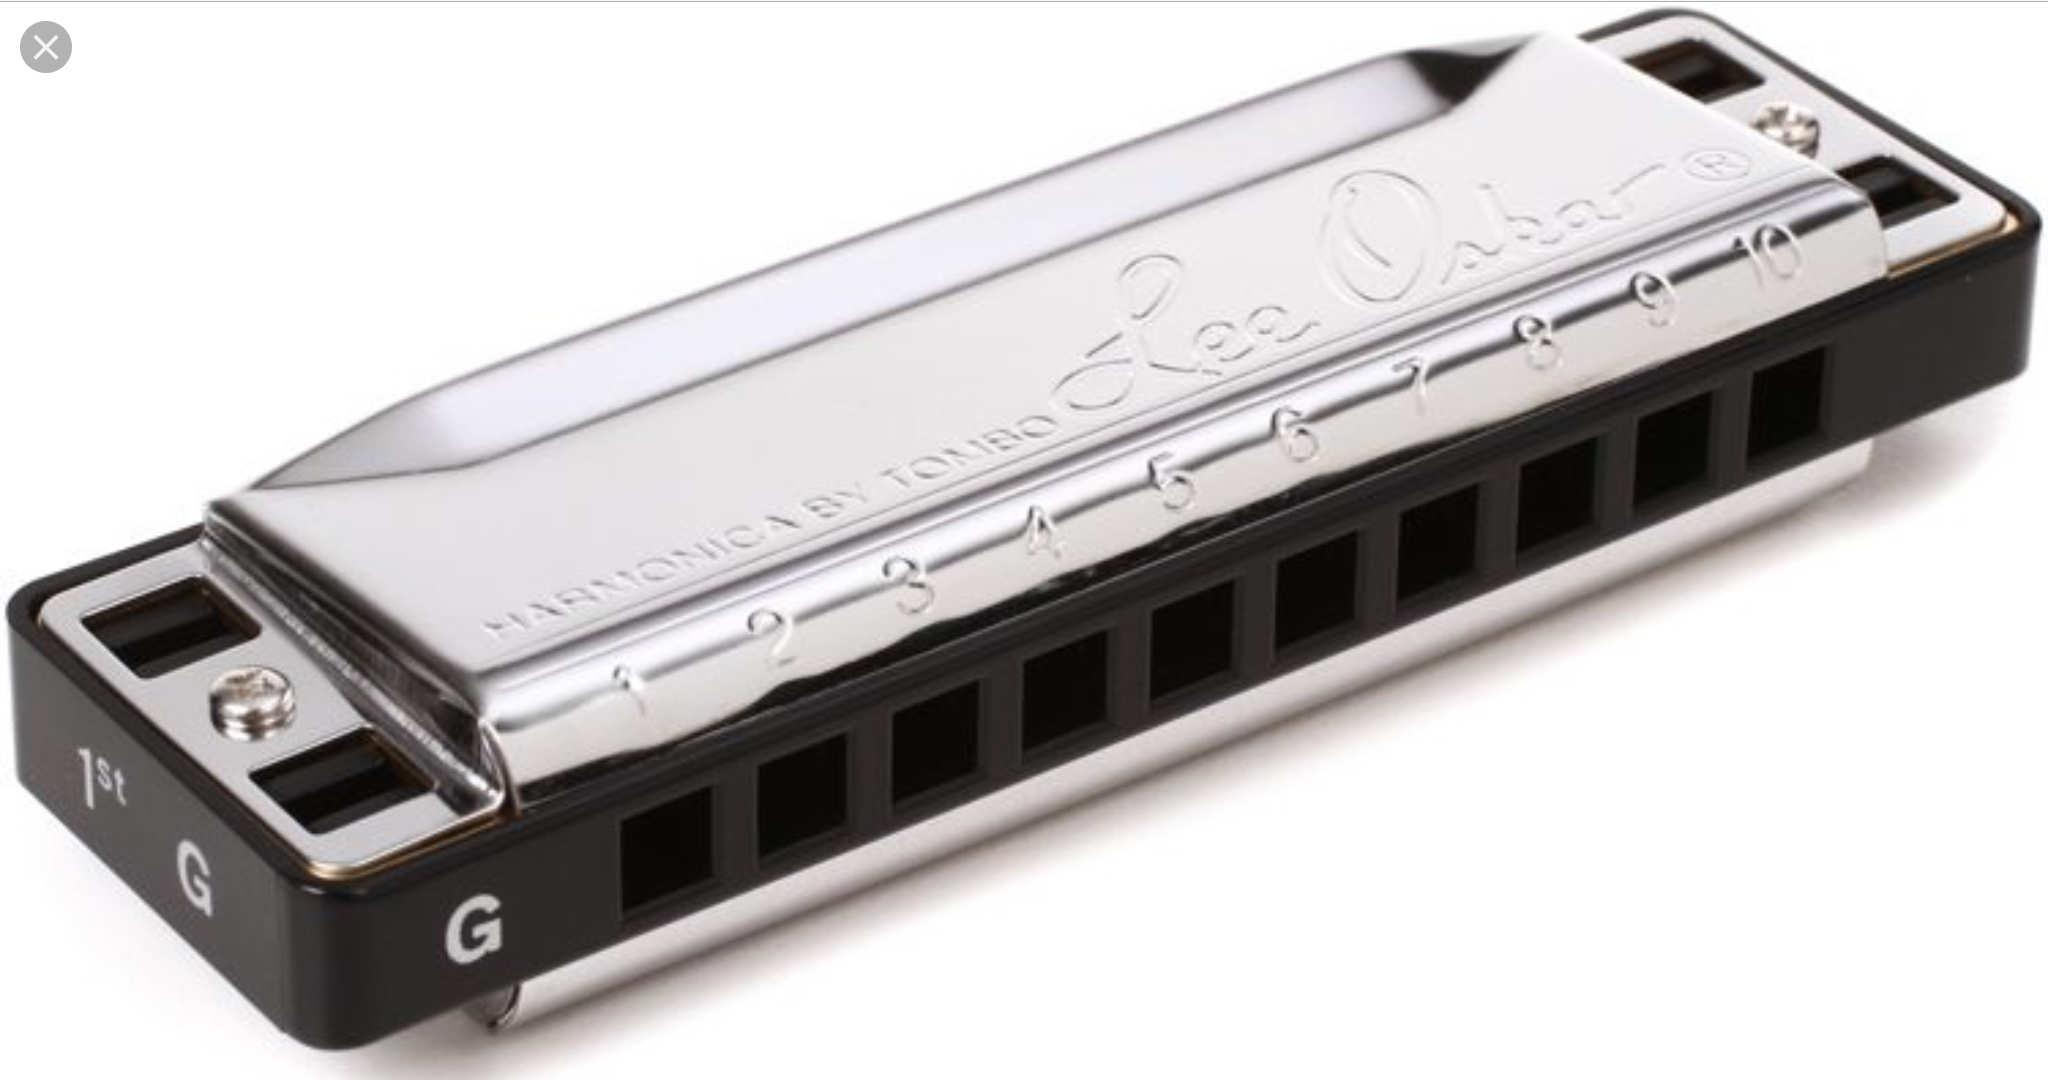 Blues harmonica sounds - Thumbjam? Sampletank? Anything else